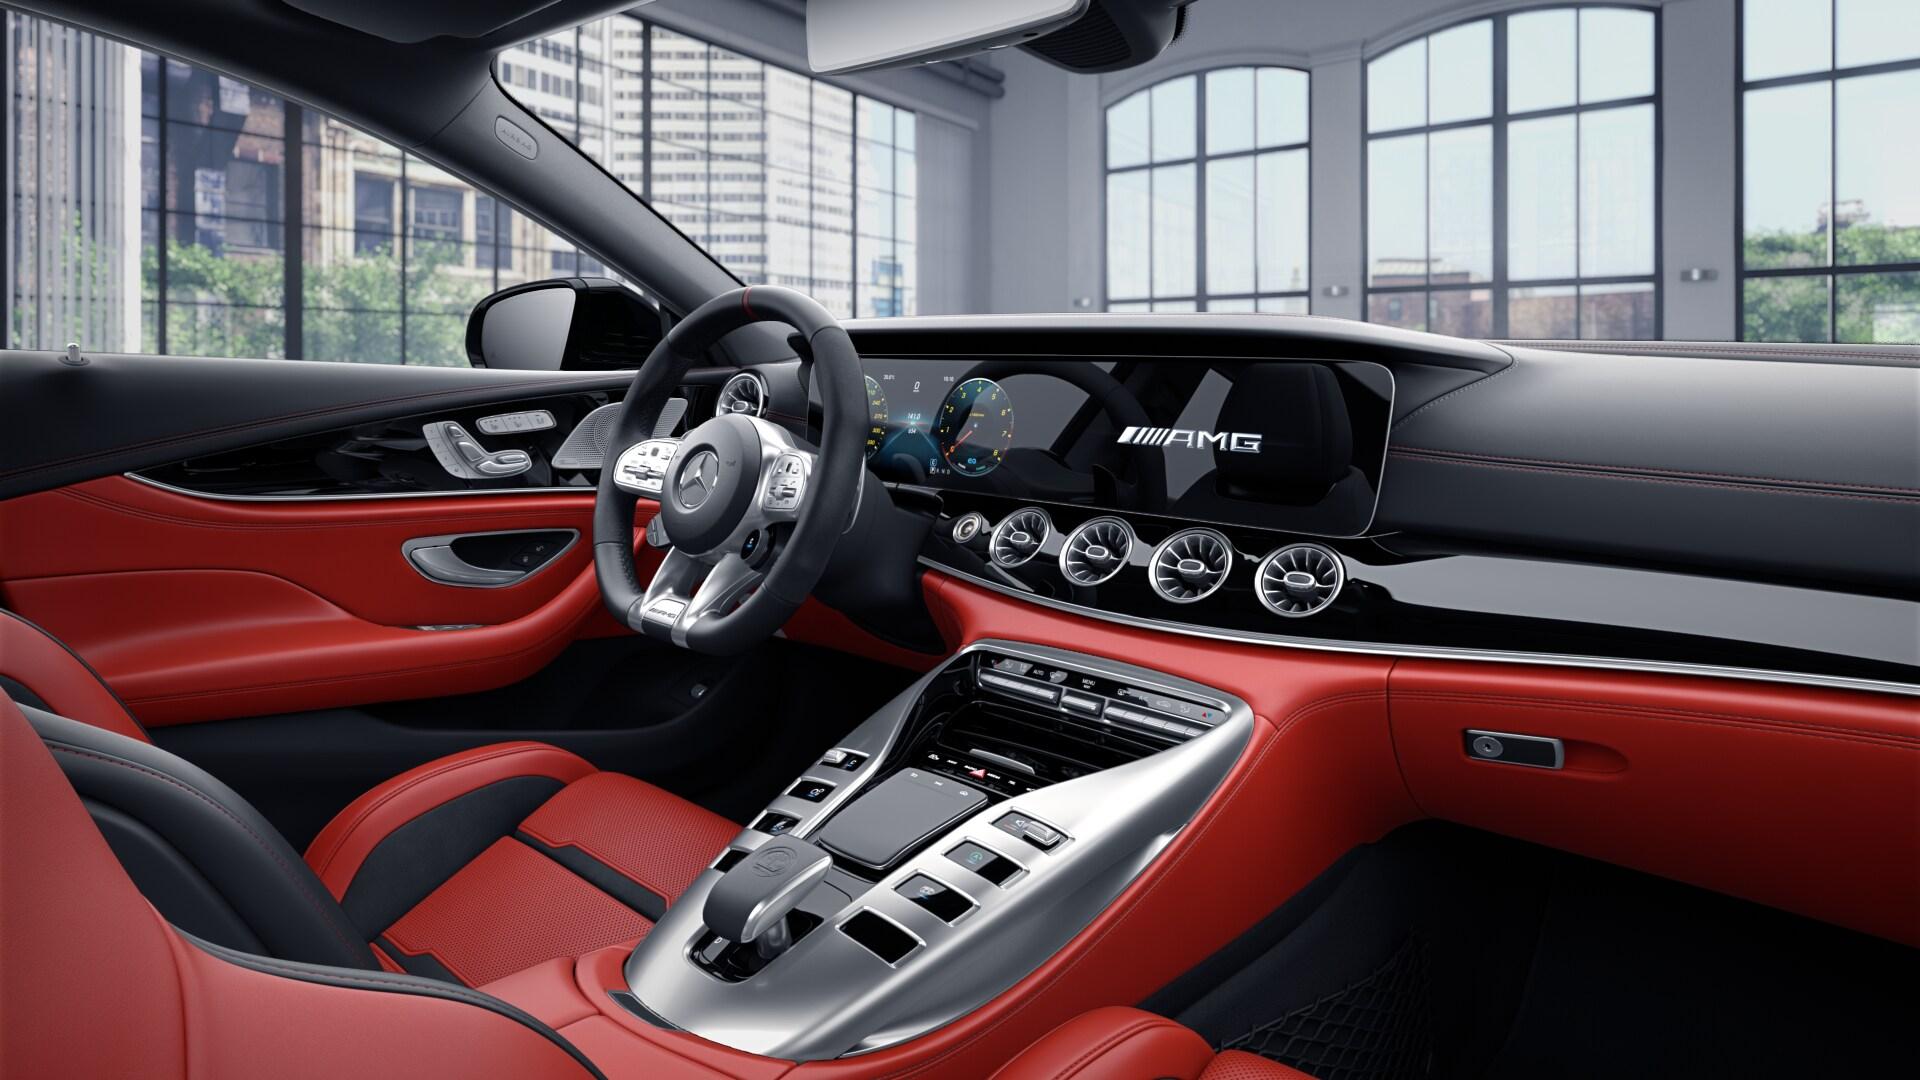 Mercedes AMG GT 43 -  nové sportovní luxusní prémiové 4 dveřové coupé - prodej aut - online autosalon Praha